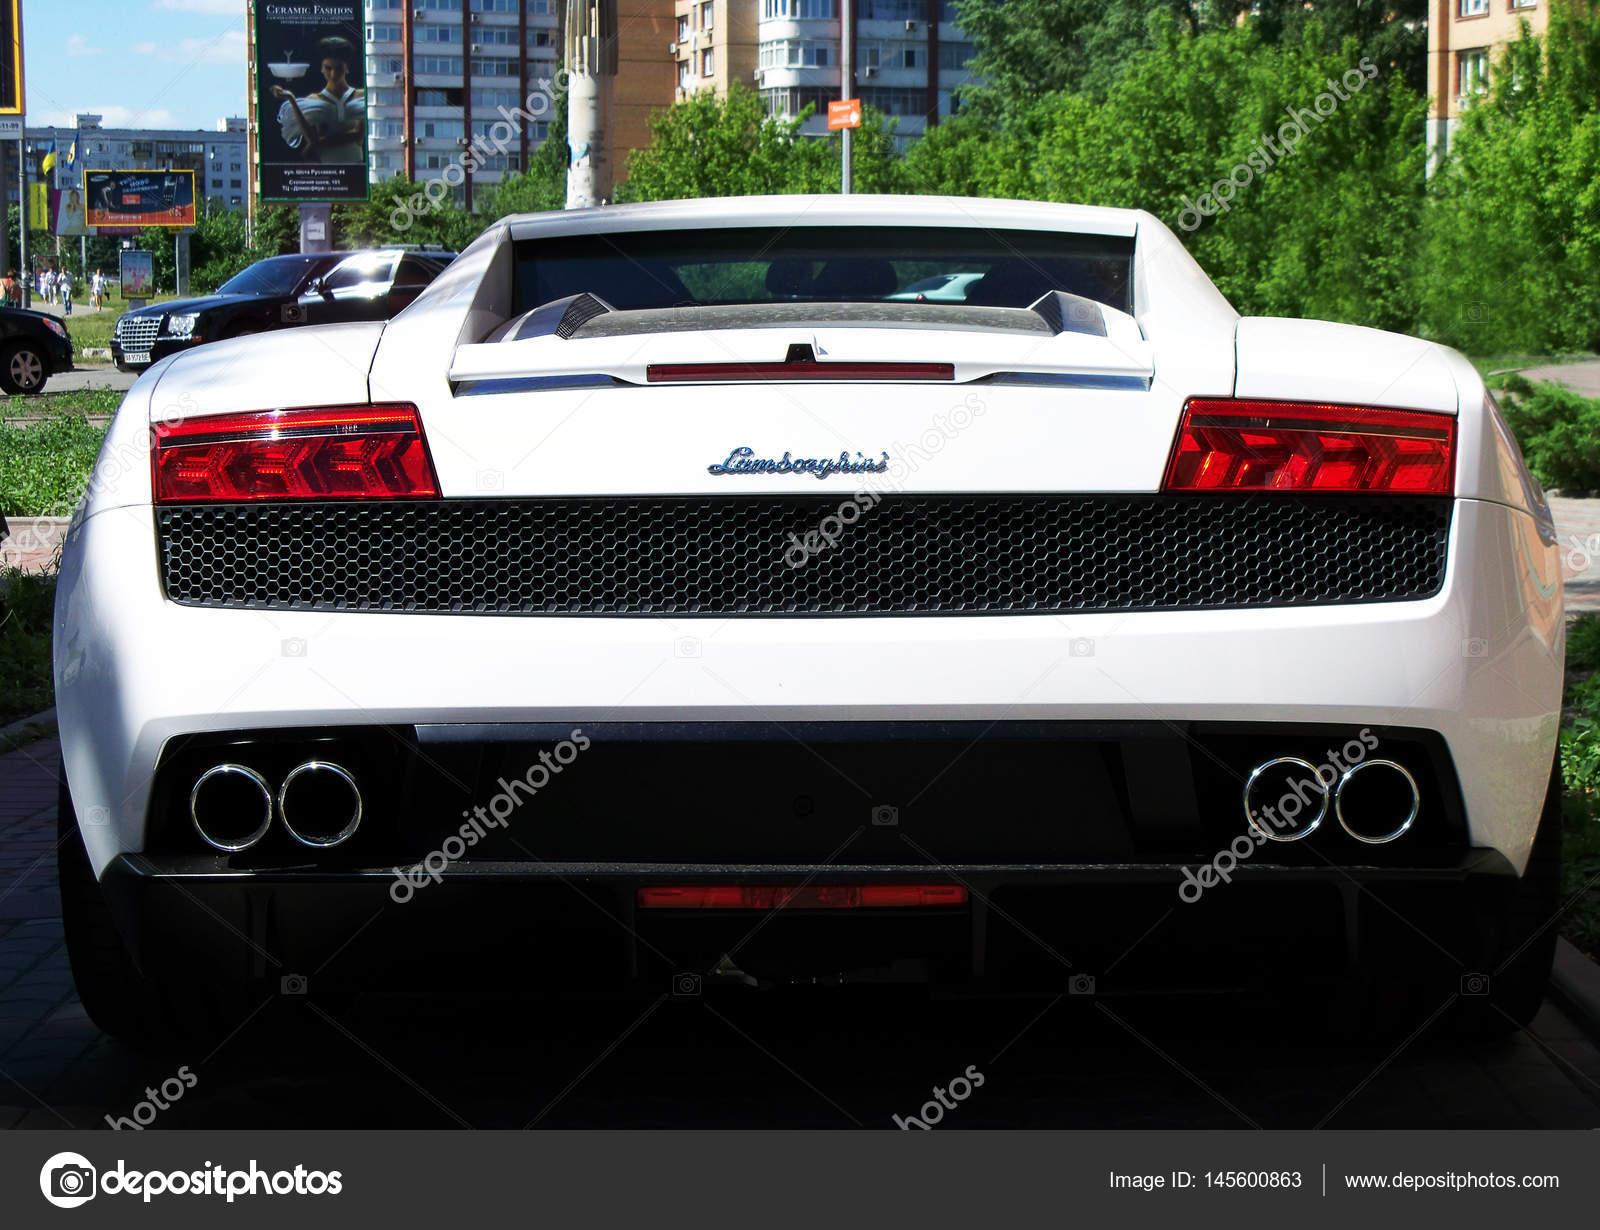 Kiev Ukraine April 10 2014 Lamborghini Gallardo Lp560 4 White